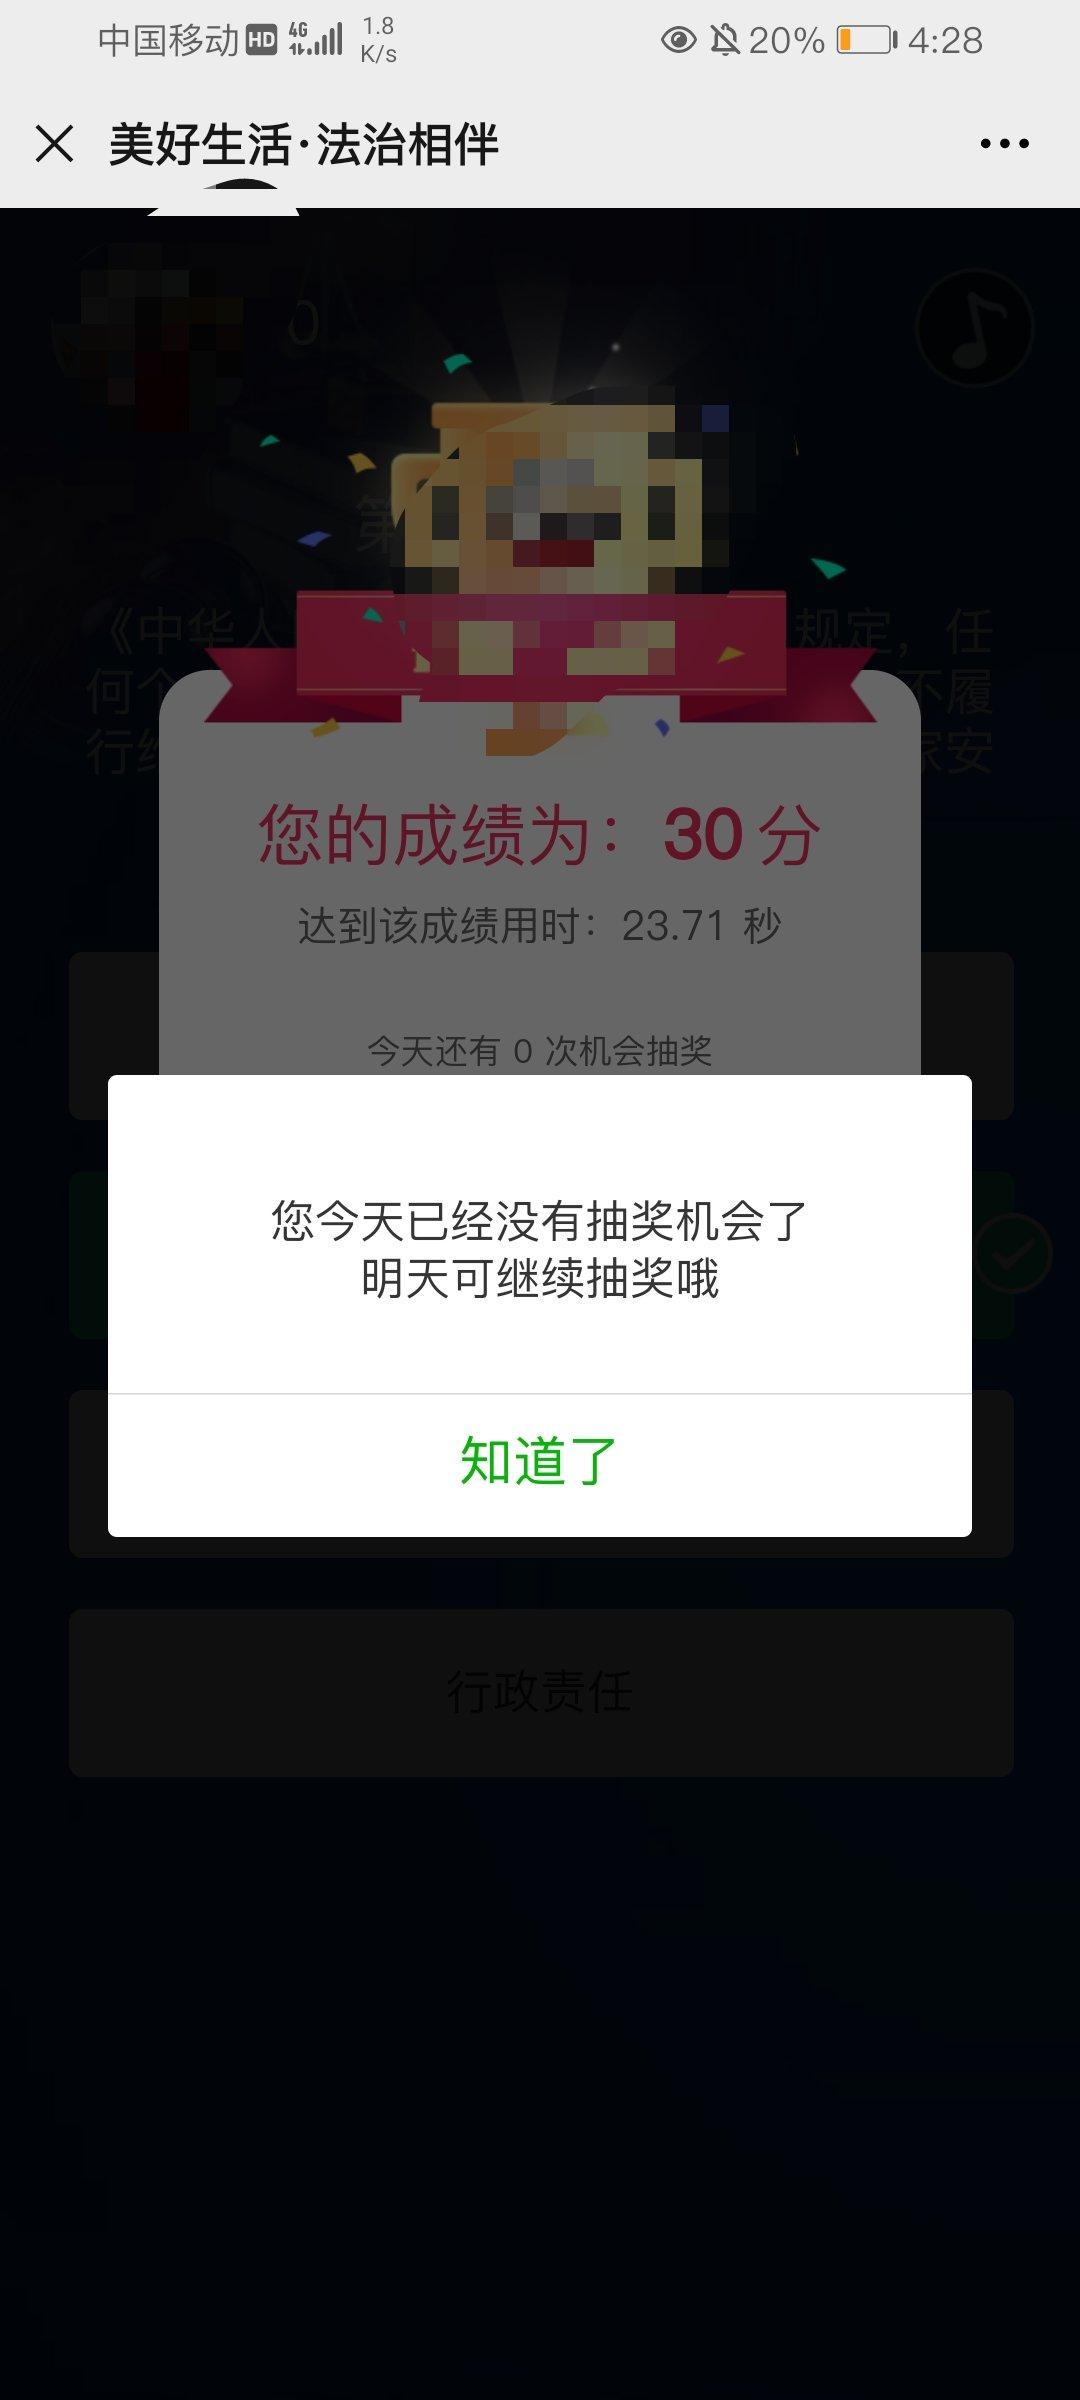 甘肃丝路法雨法律知识抽红包